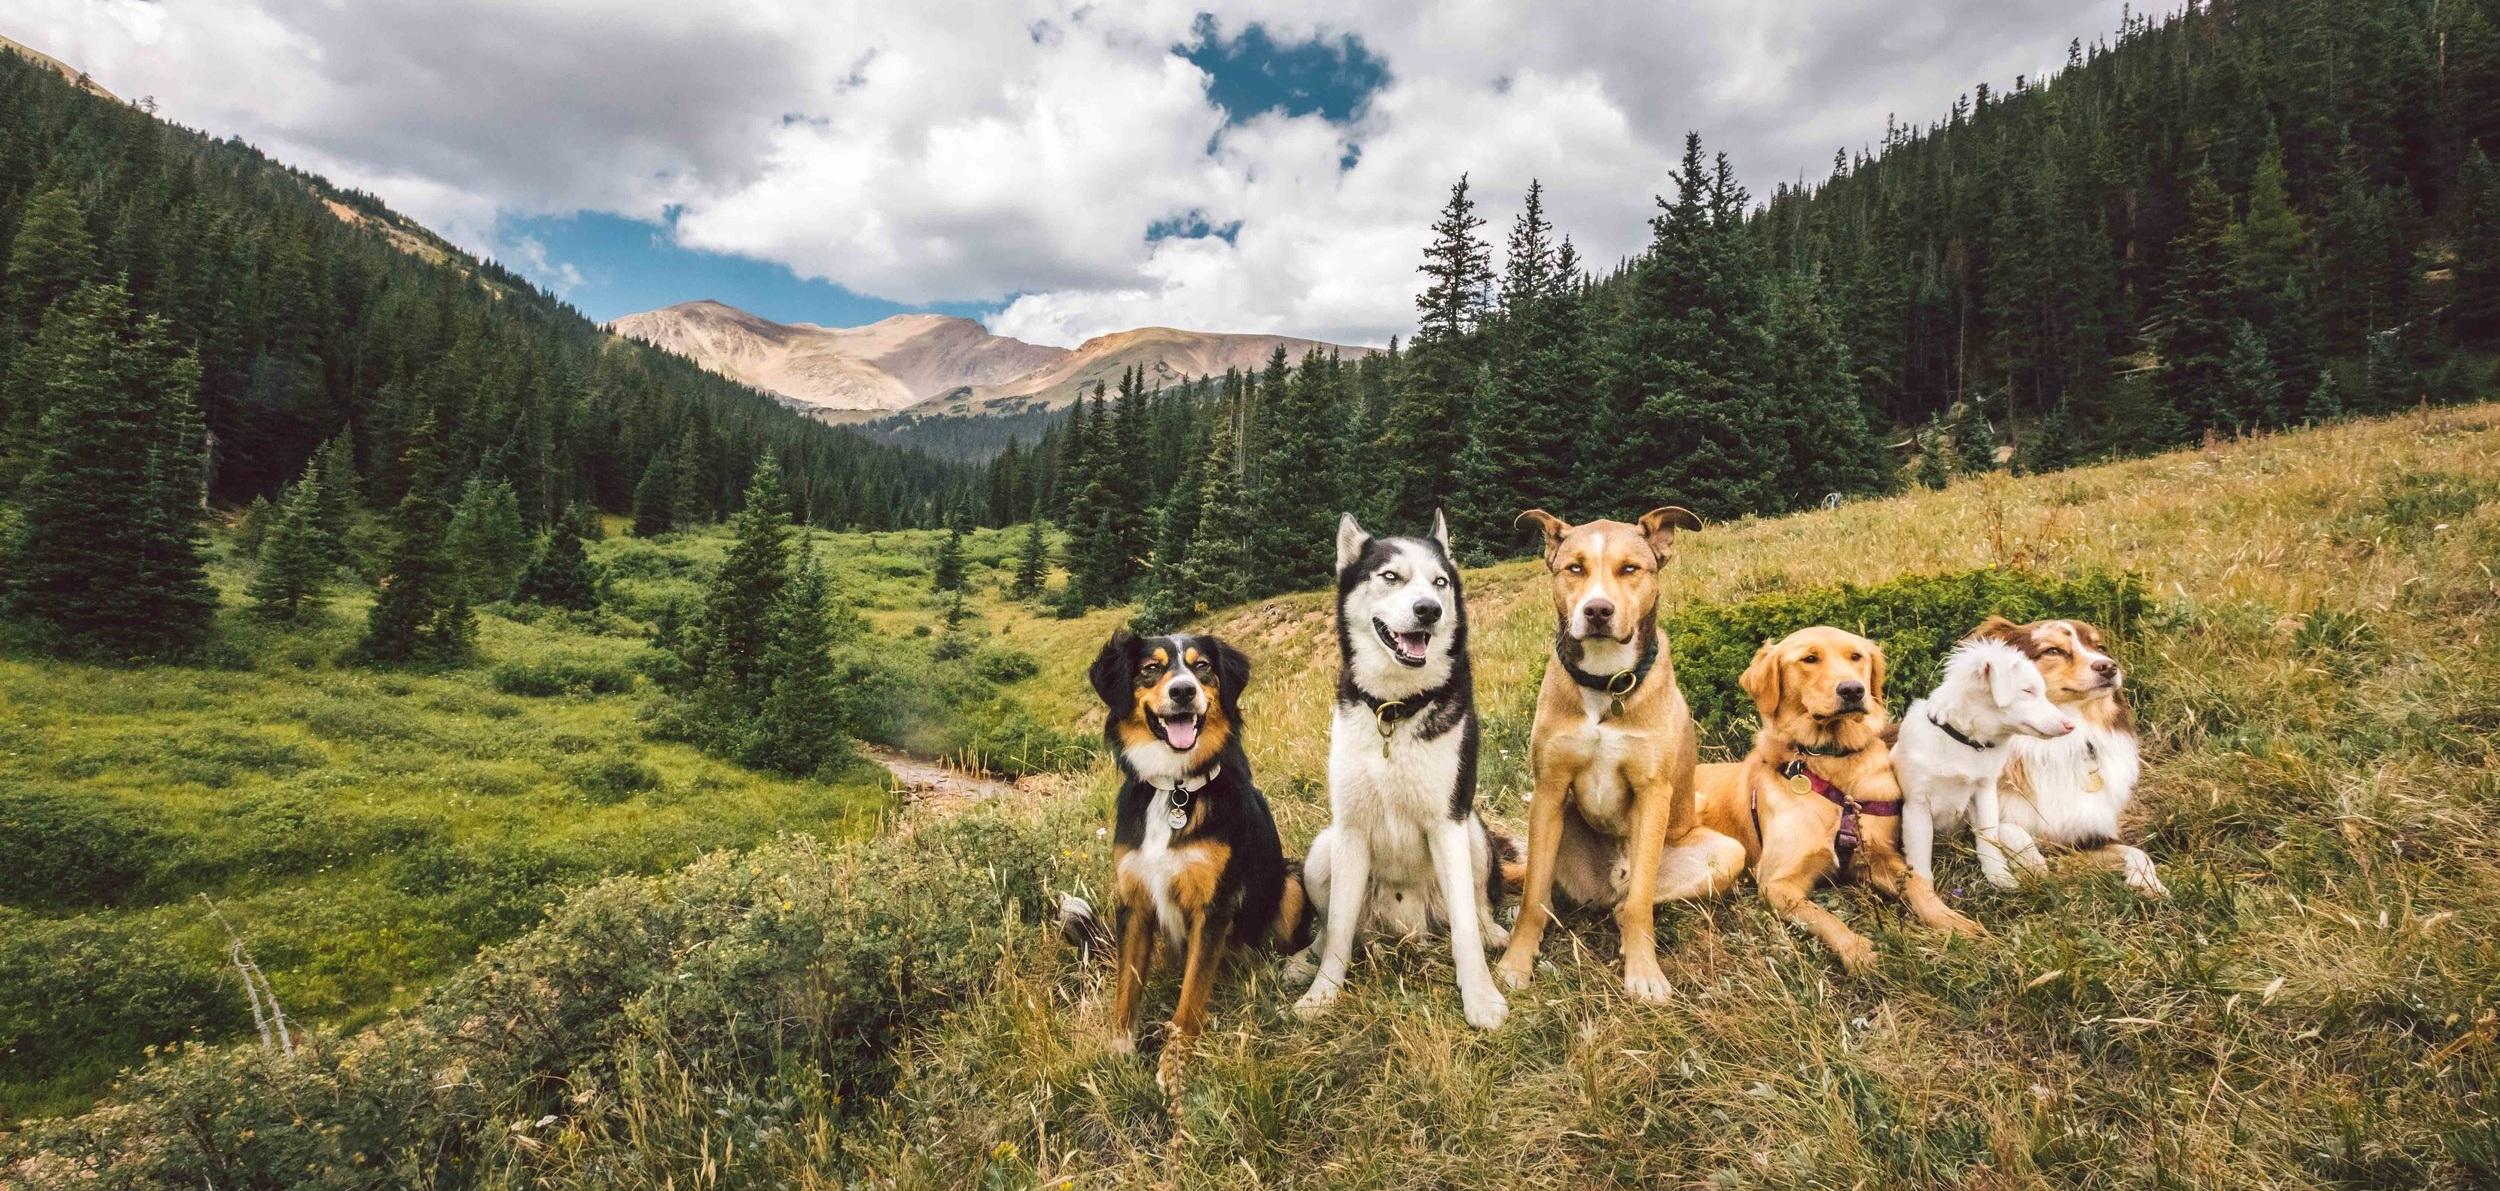 Herman+Gulch+Group+Hike+Dog.jpg